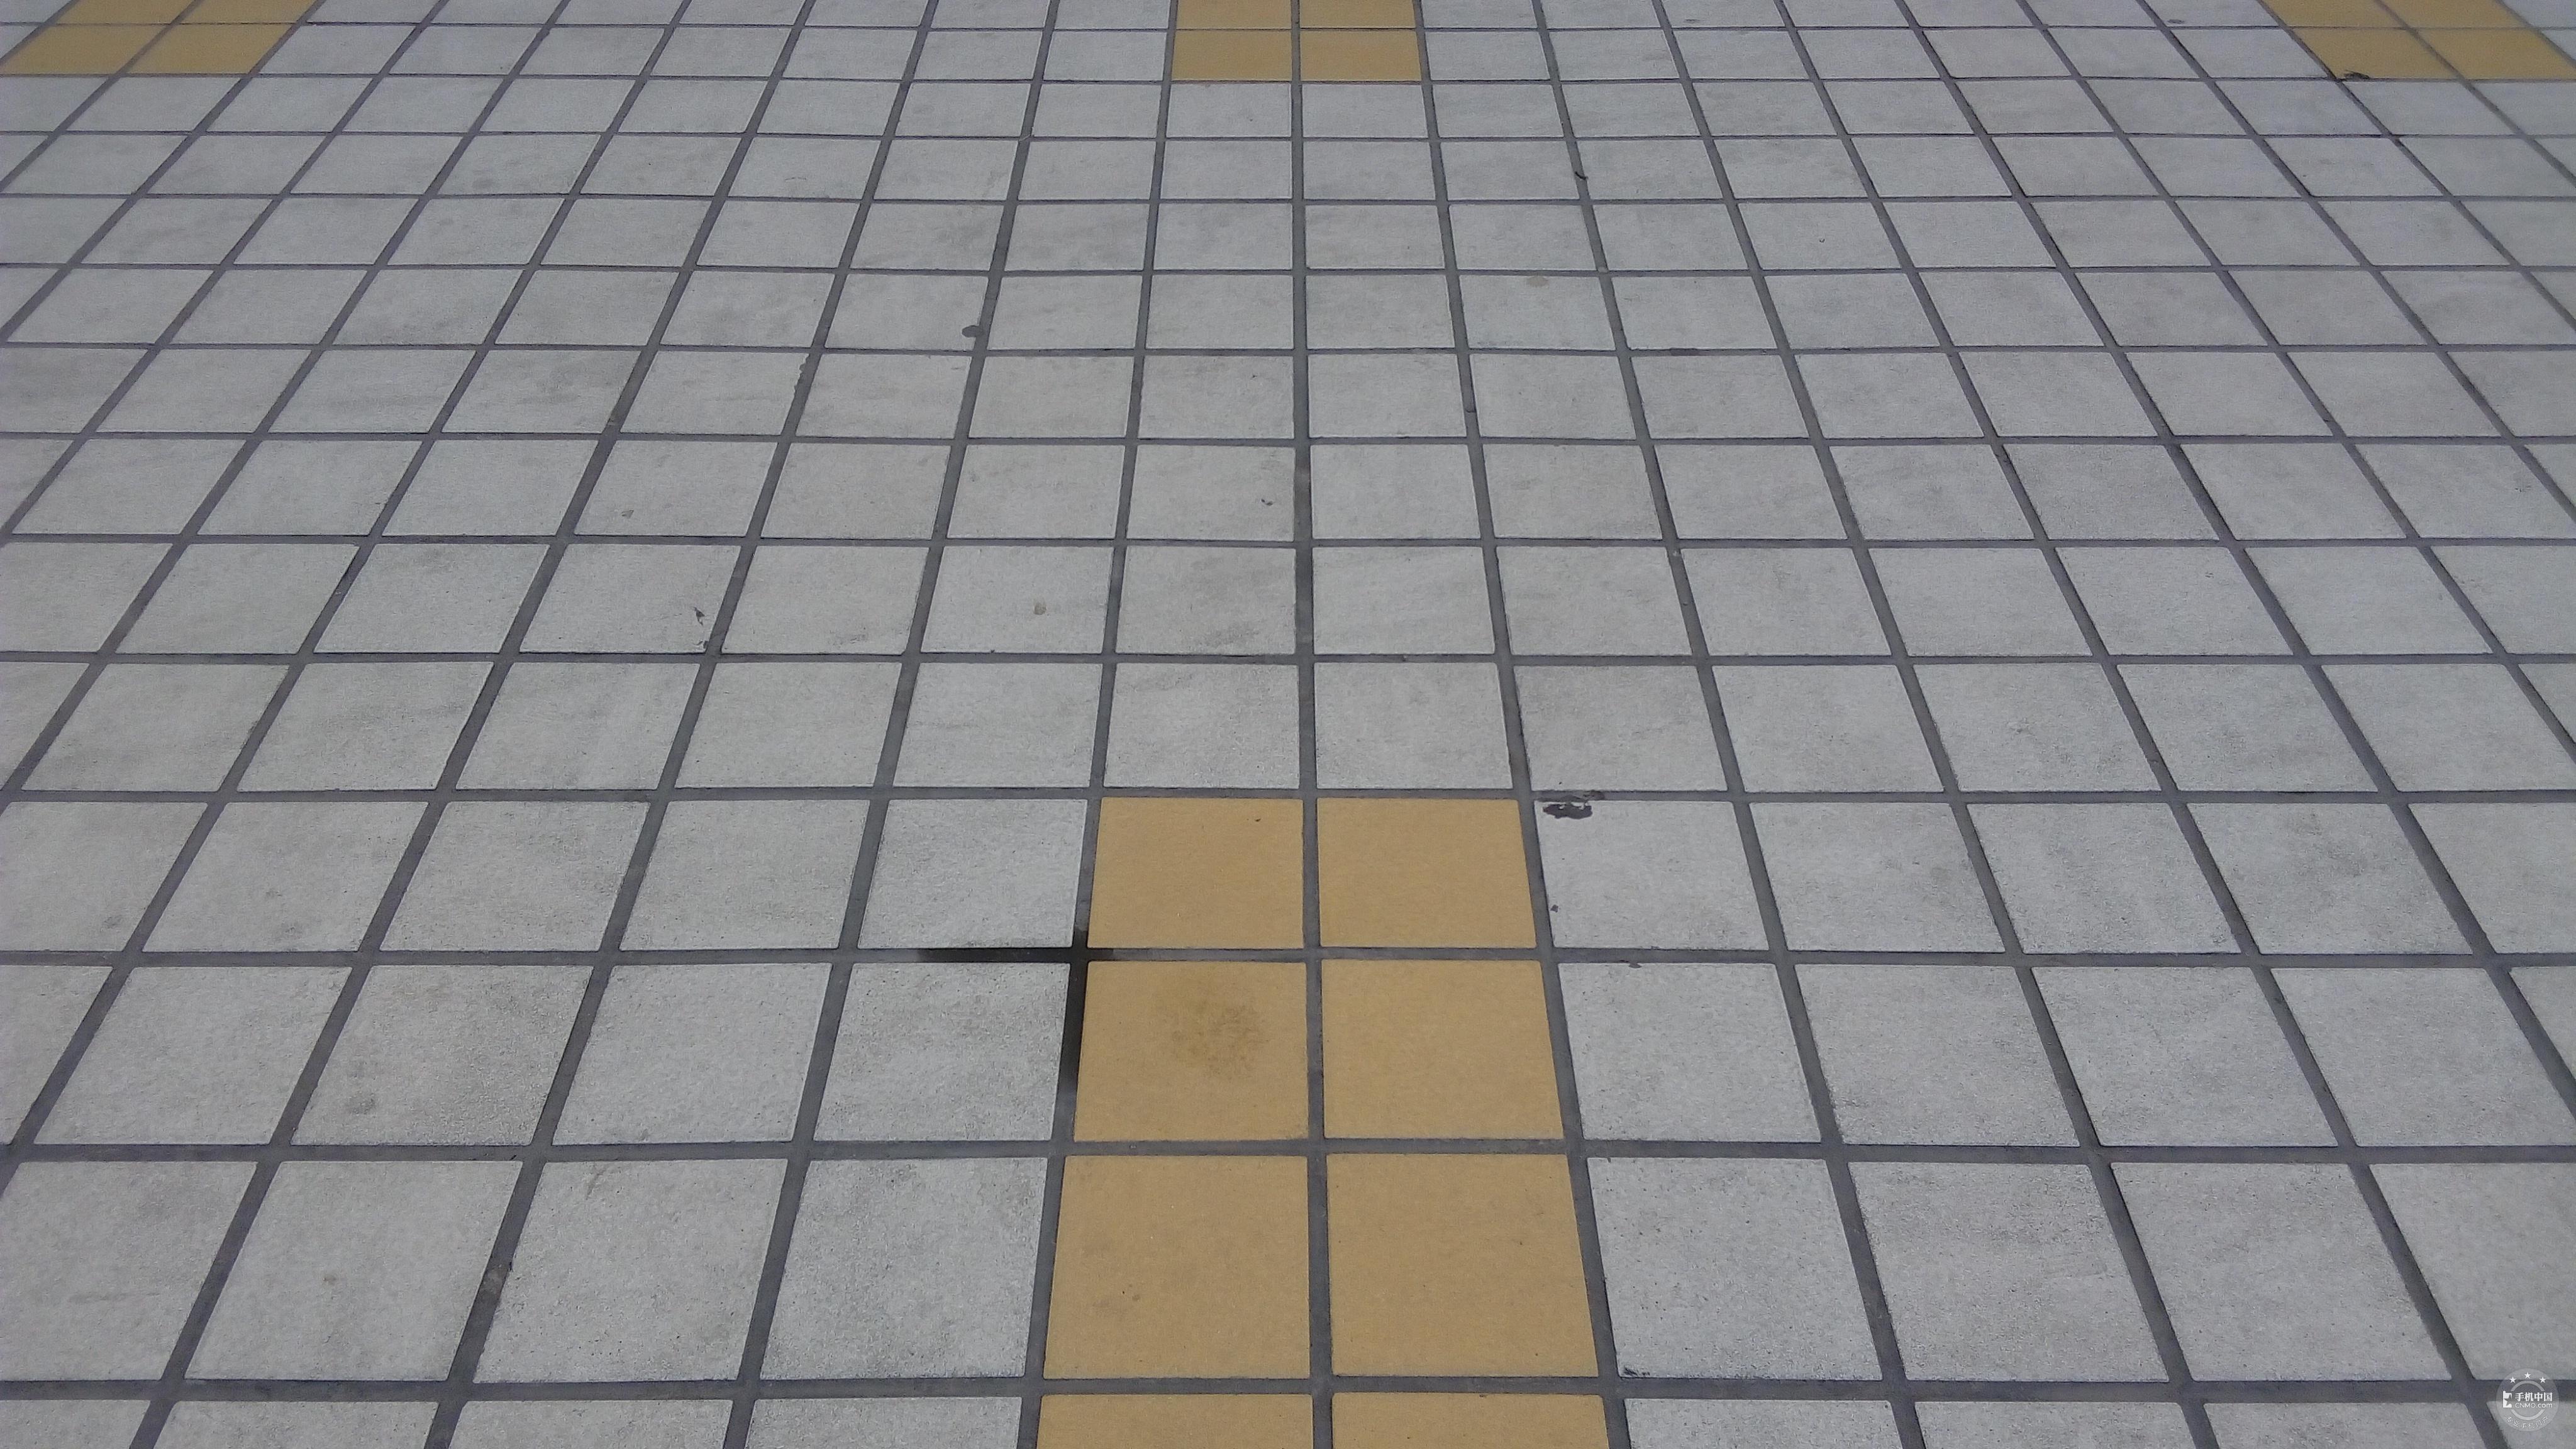 联想黄金斗士S8(移动4G)手机拍照出来的影像图第6张